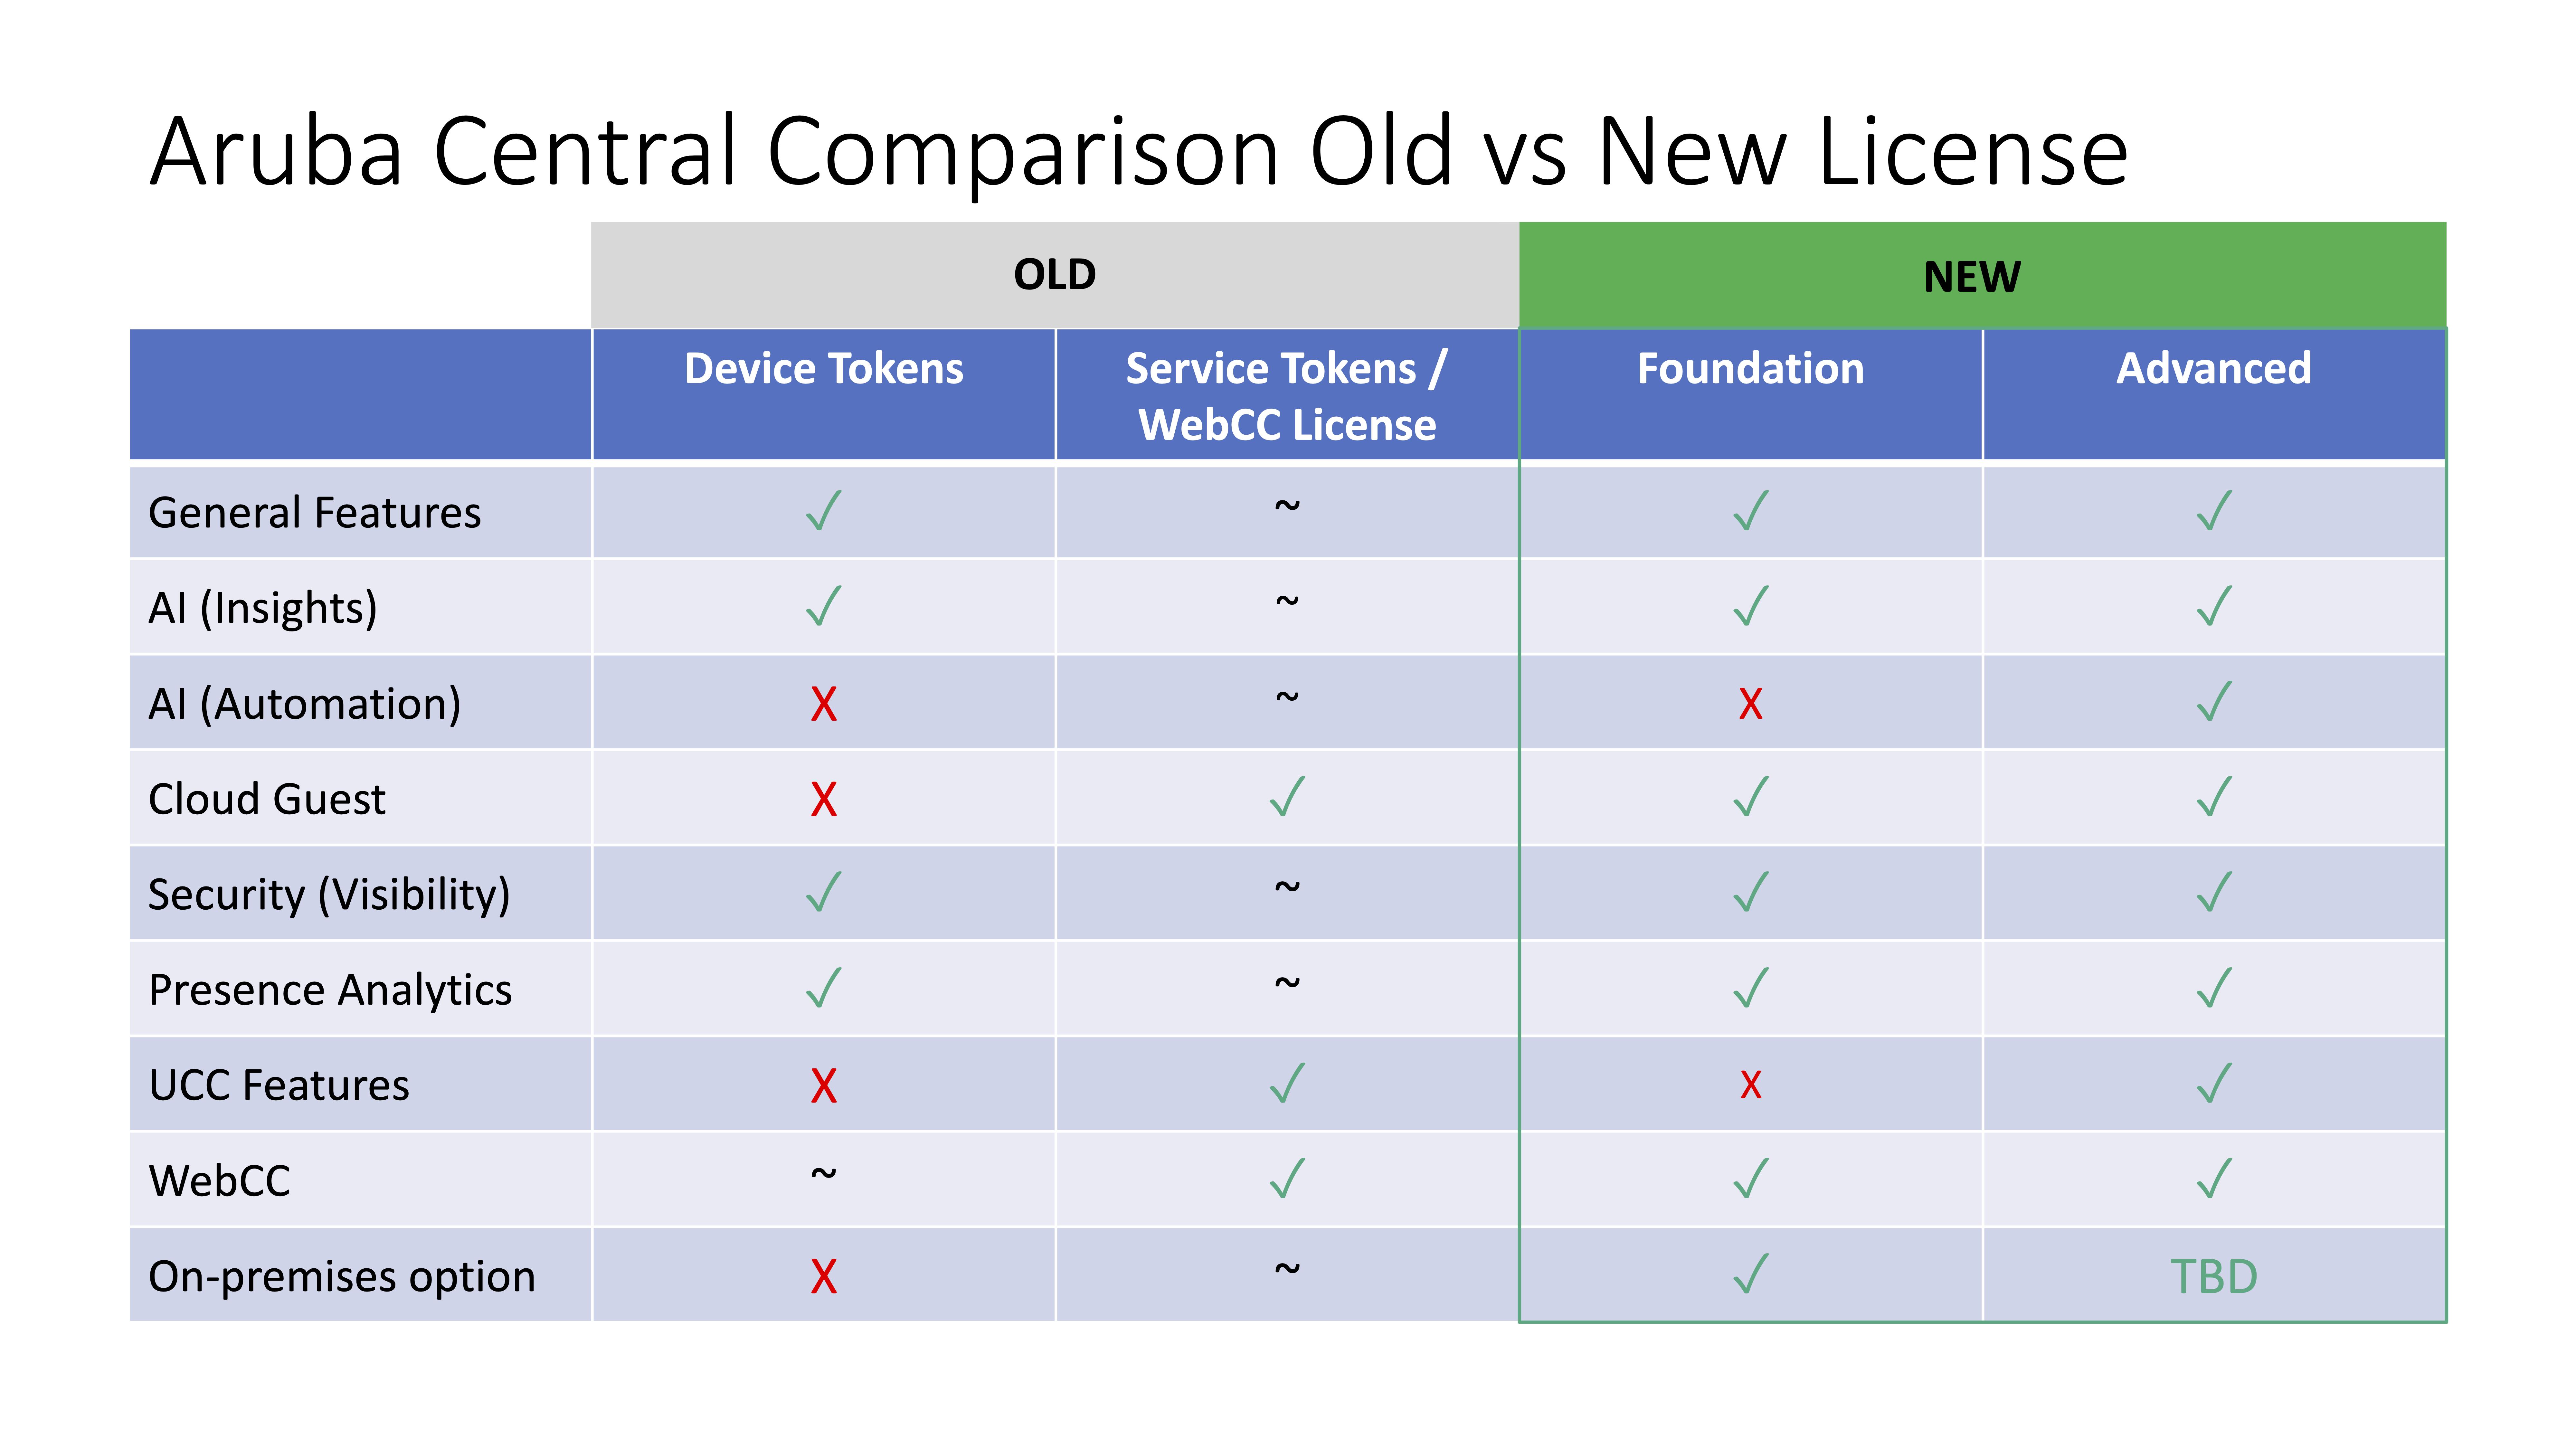 Aruba Central comparison chart old vs. new license